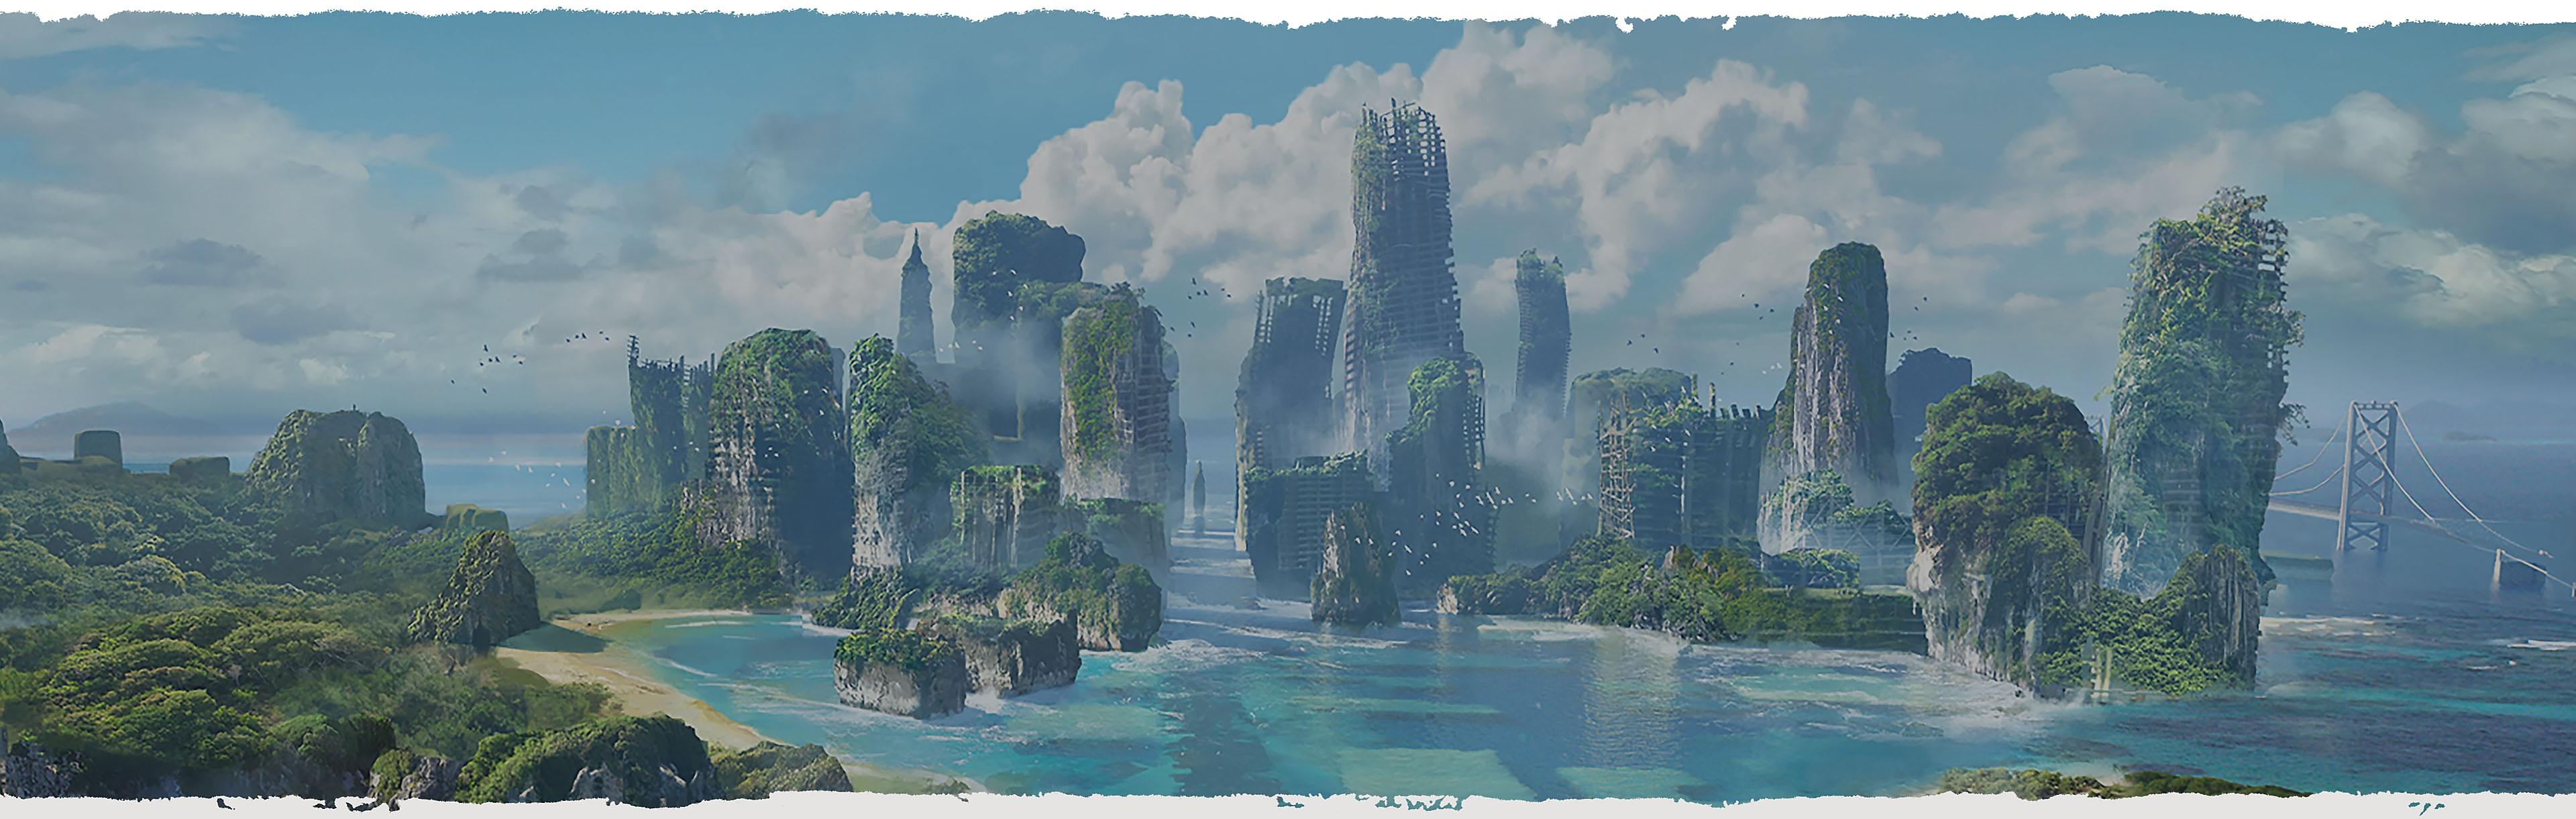 horizon community background blue